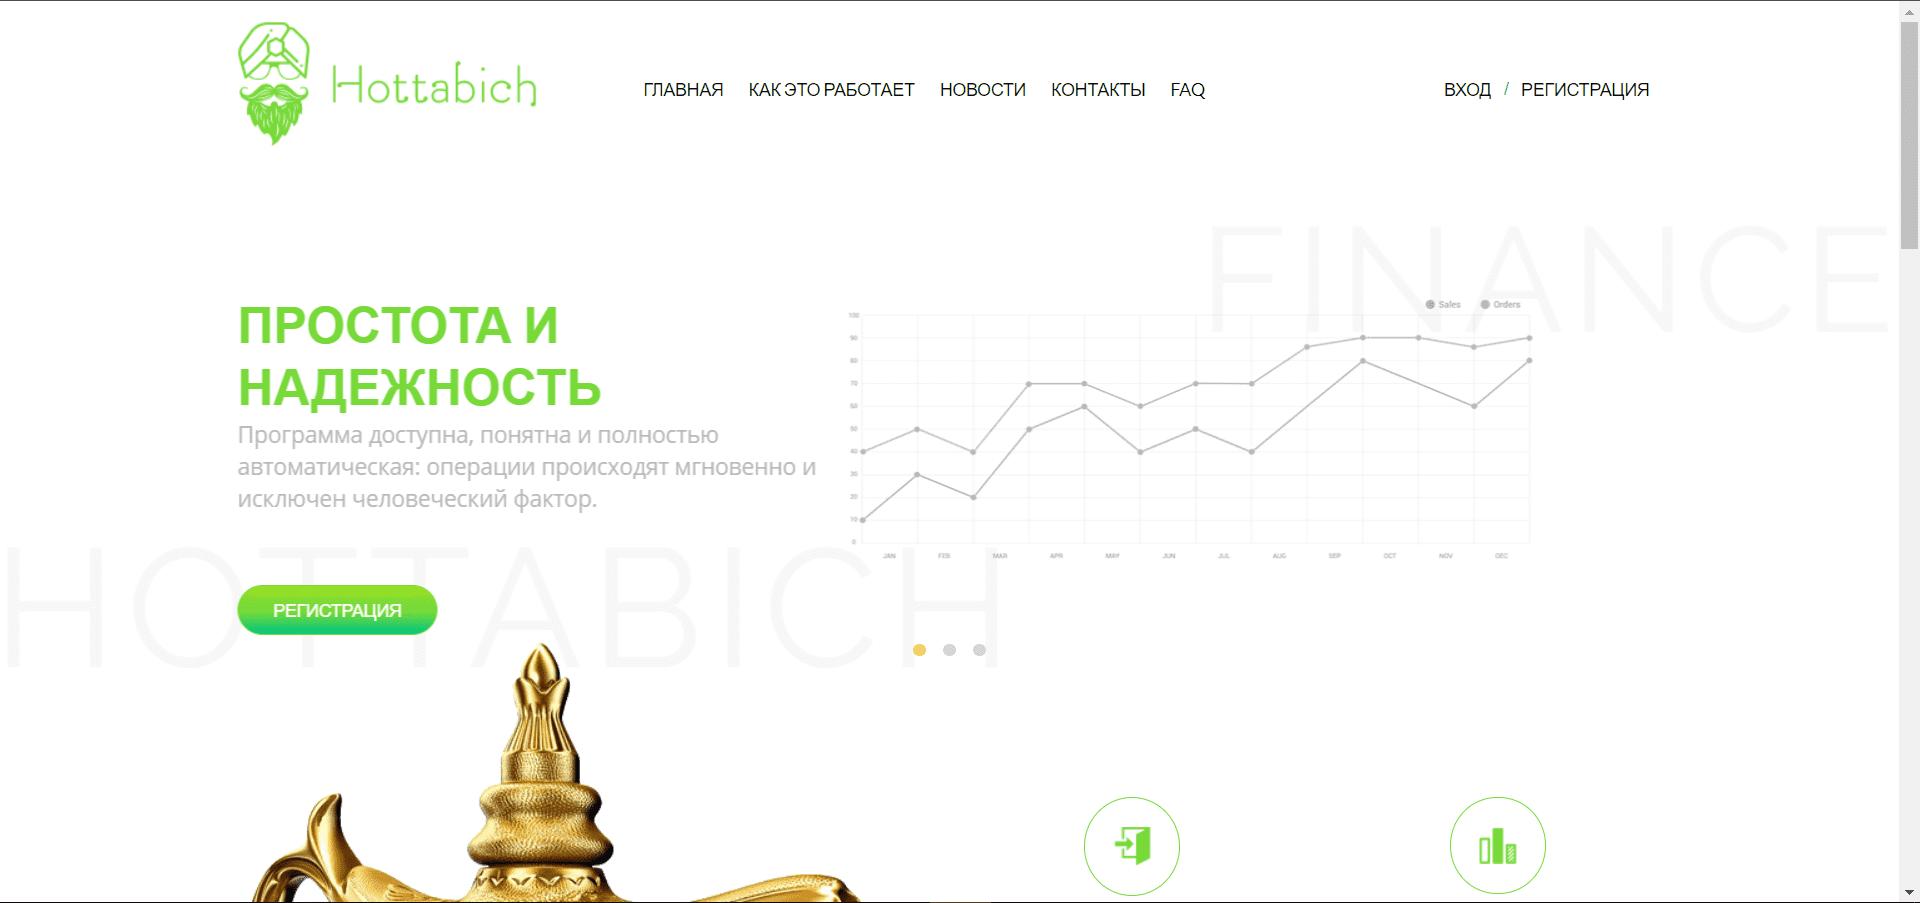 Hottabich